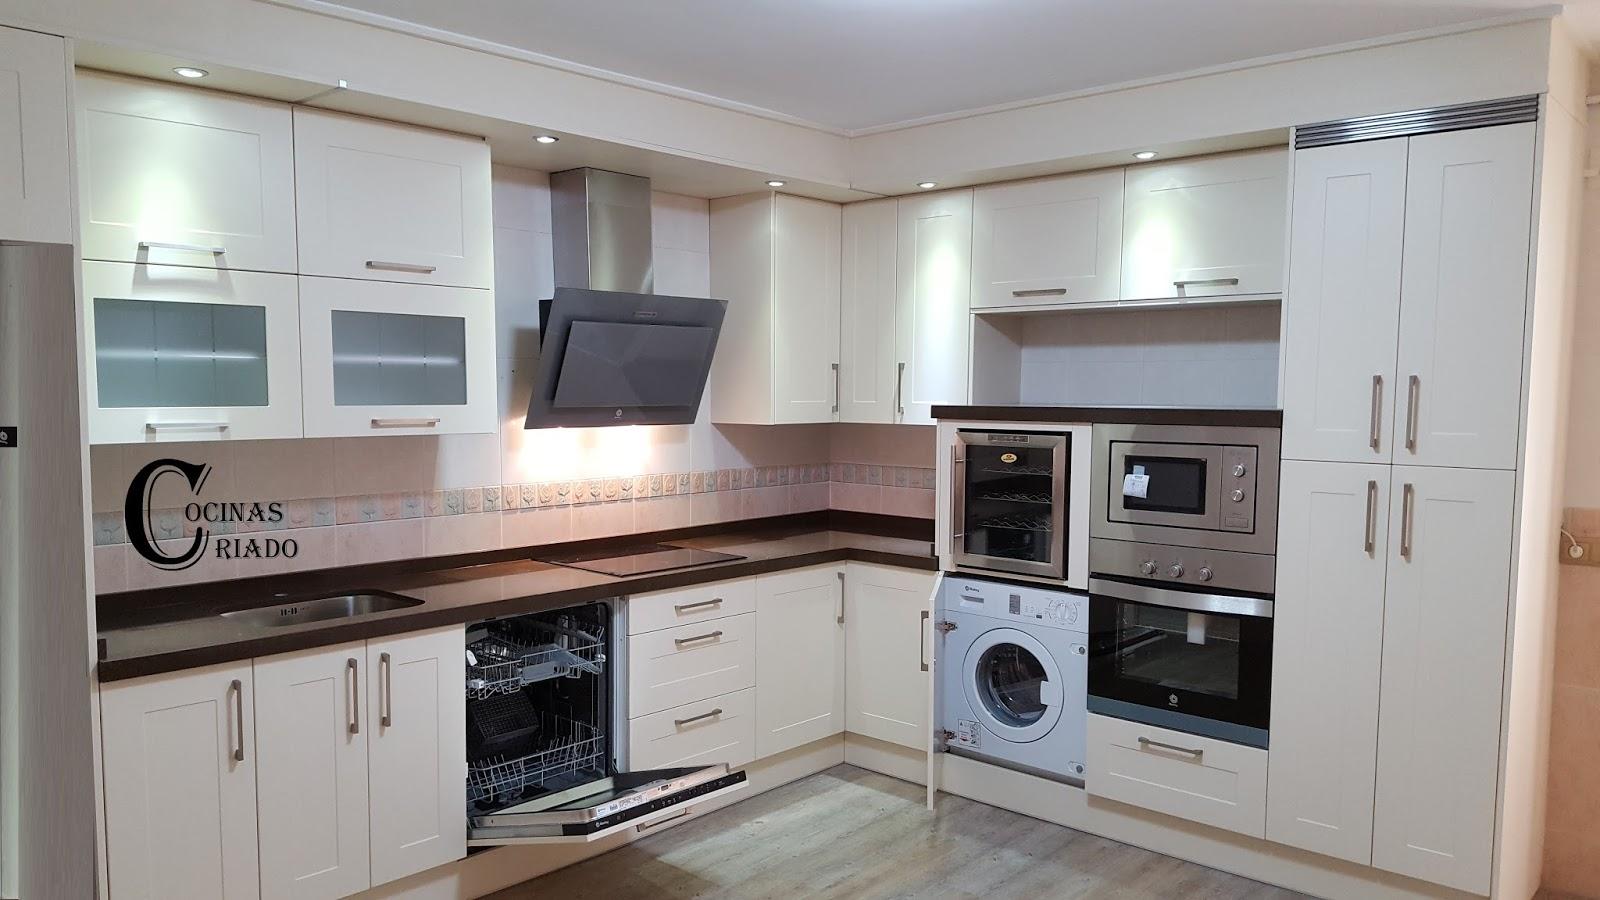 Cocinas criado - Cocinas con electrodomesticos blancos ...